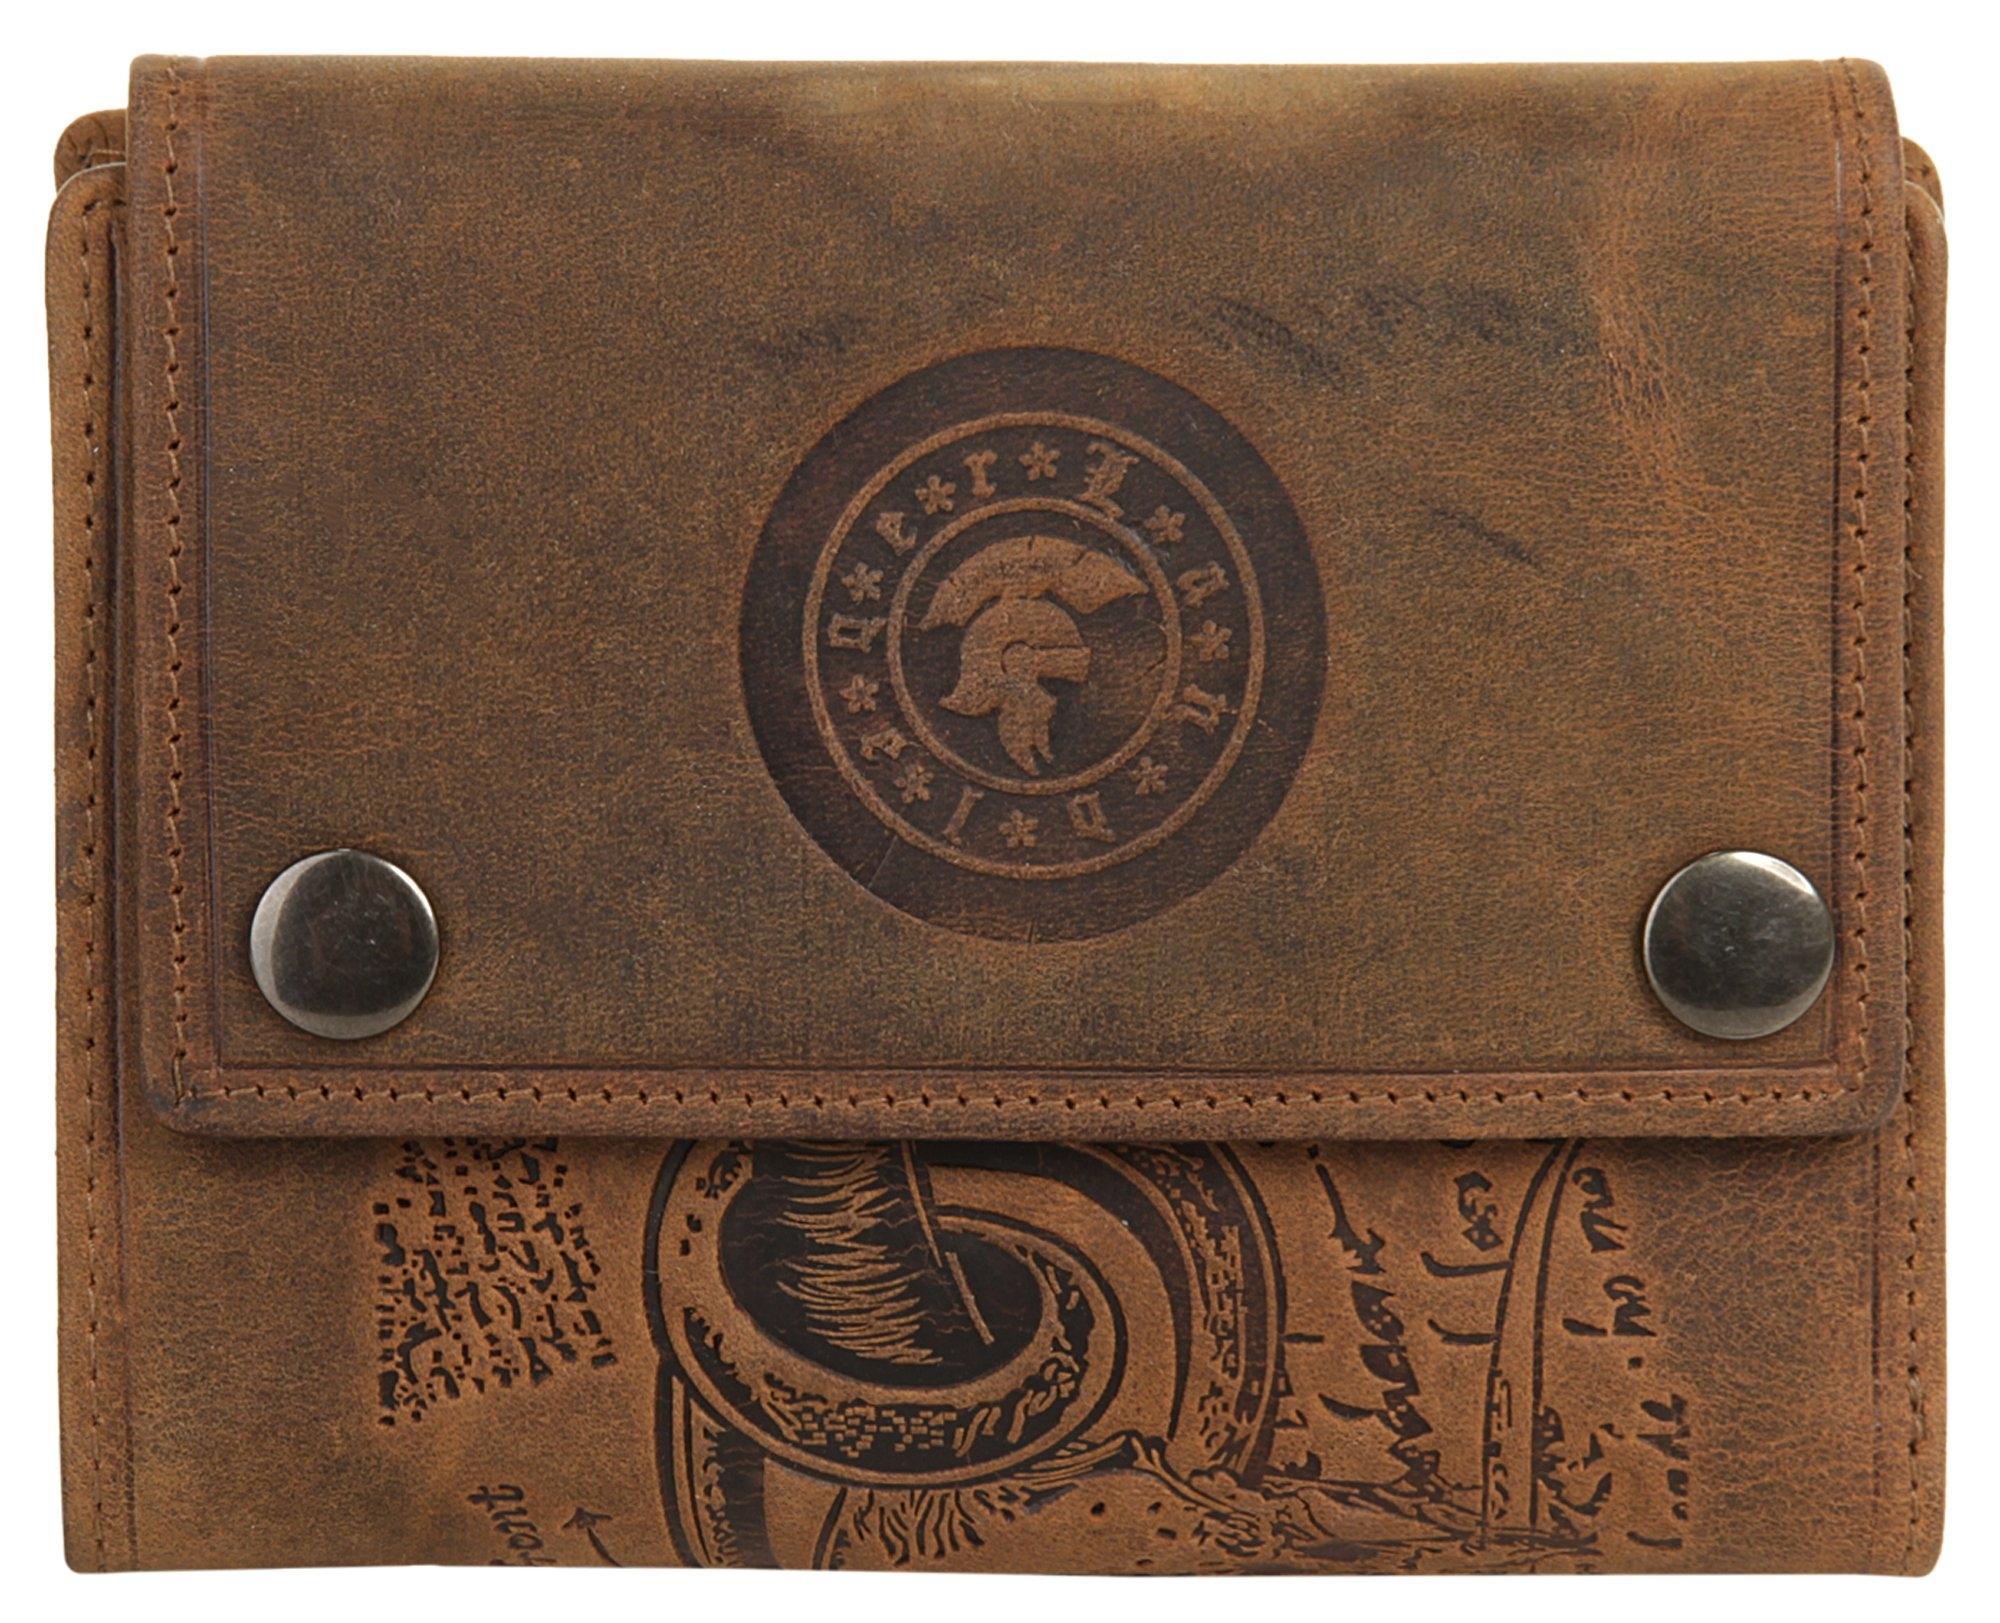 Landleder portemonnee voordelig en veilig online kopen